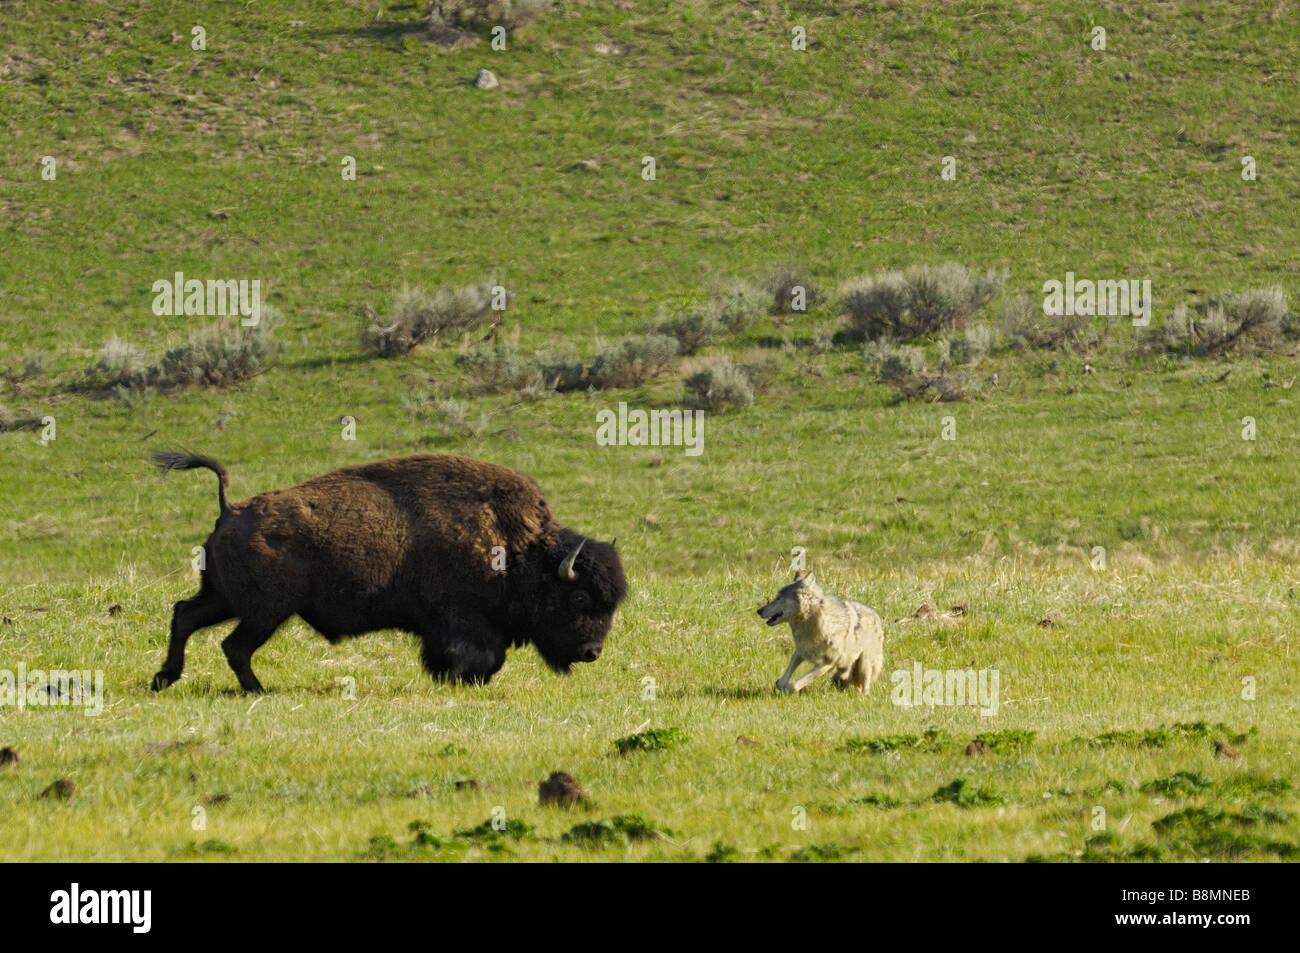 Buffalo Wolf Confrontation - Stock Image